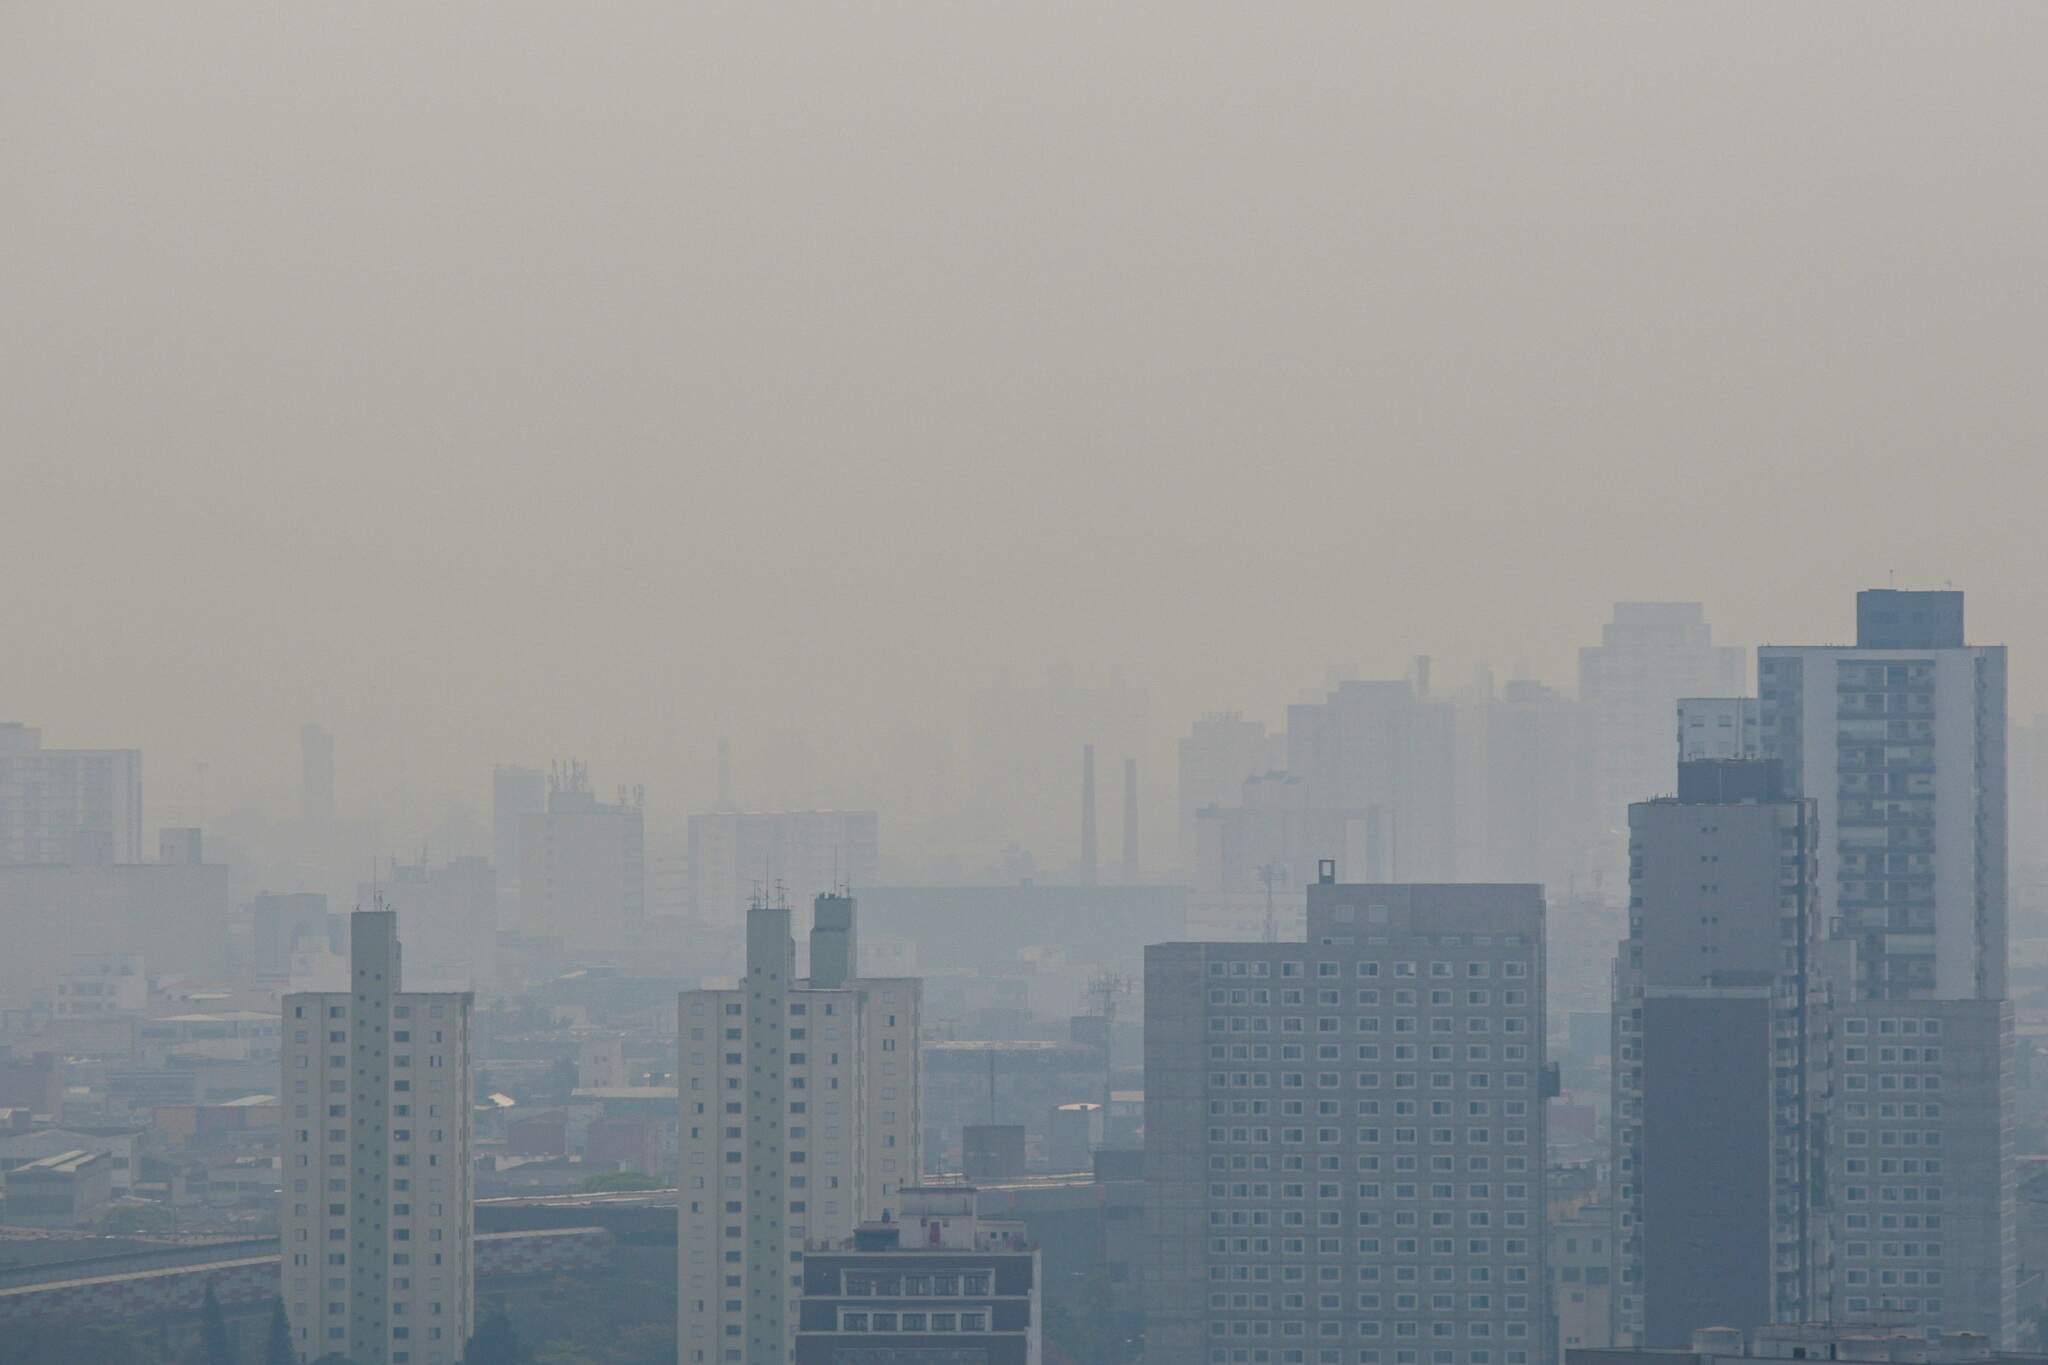 Nuvem de fumaça originadas das queimadas do Pantanal pode ser vista do alto de prédio localizado na região central da cidade de São Paulo na manhã deste sábado 19. (Foto: Estadão Conteúdo)